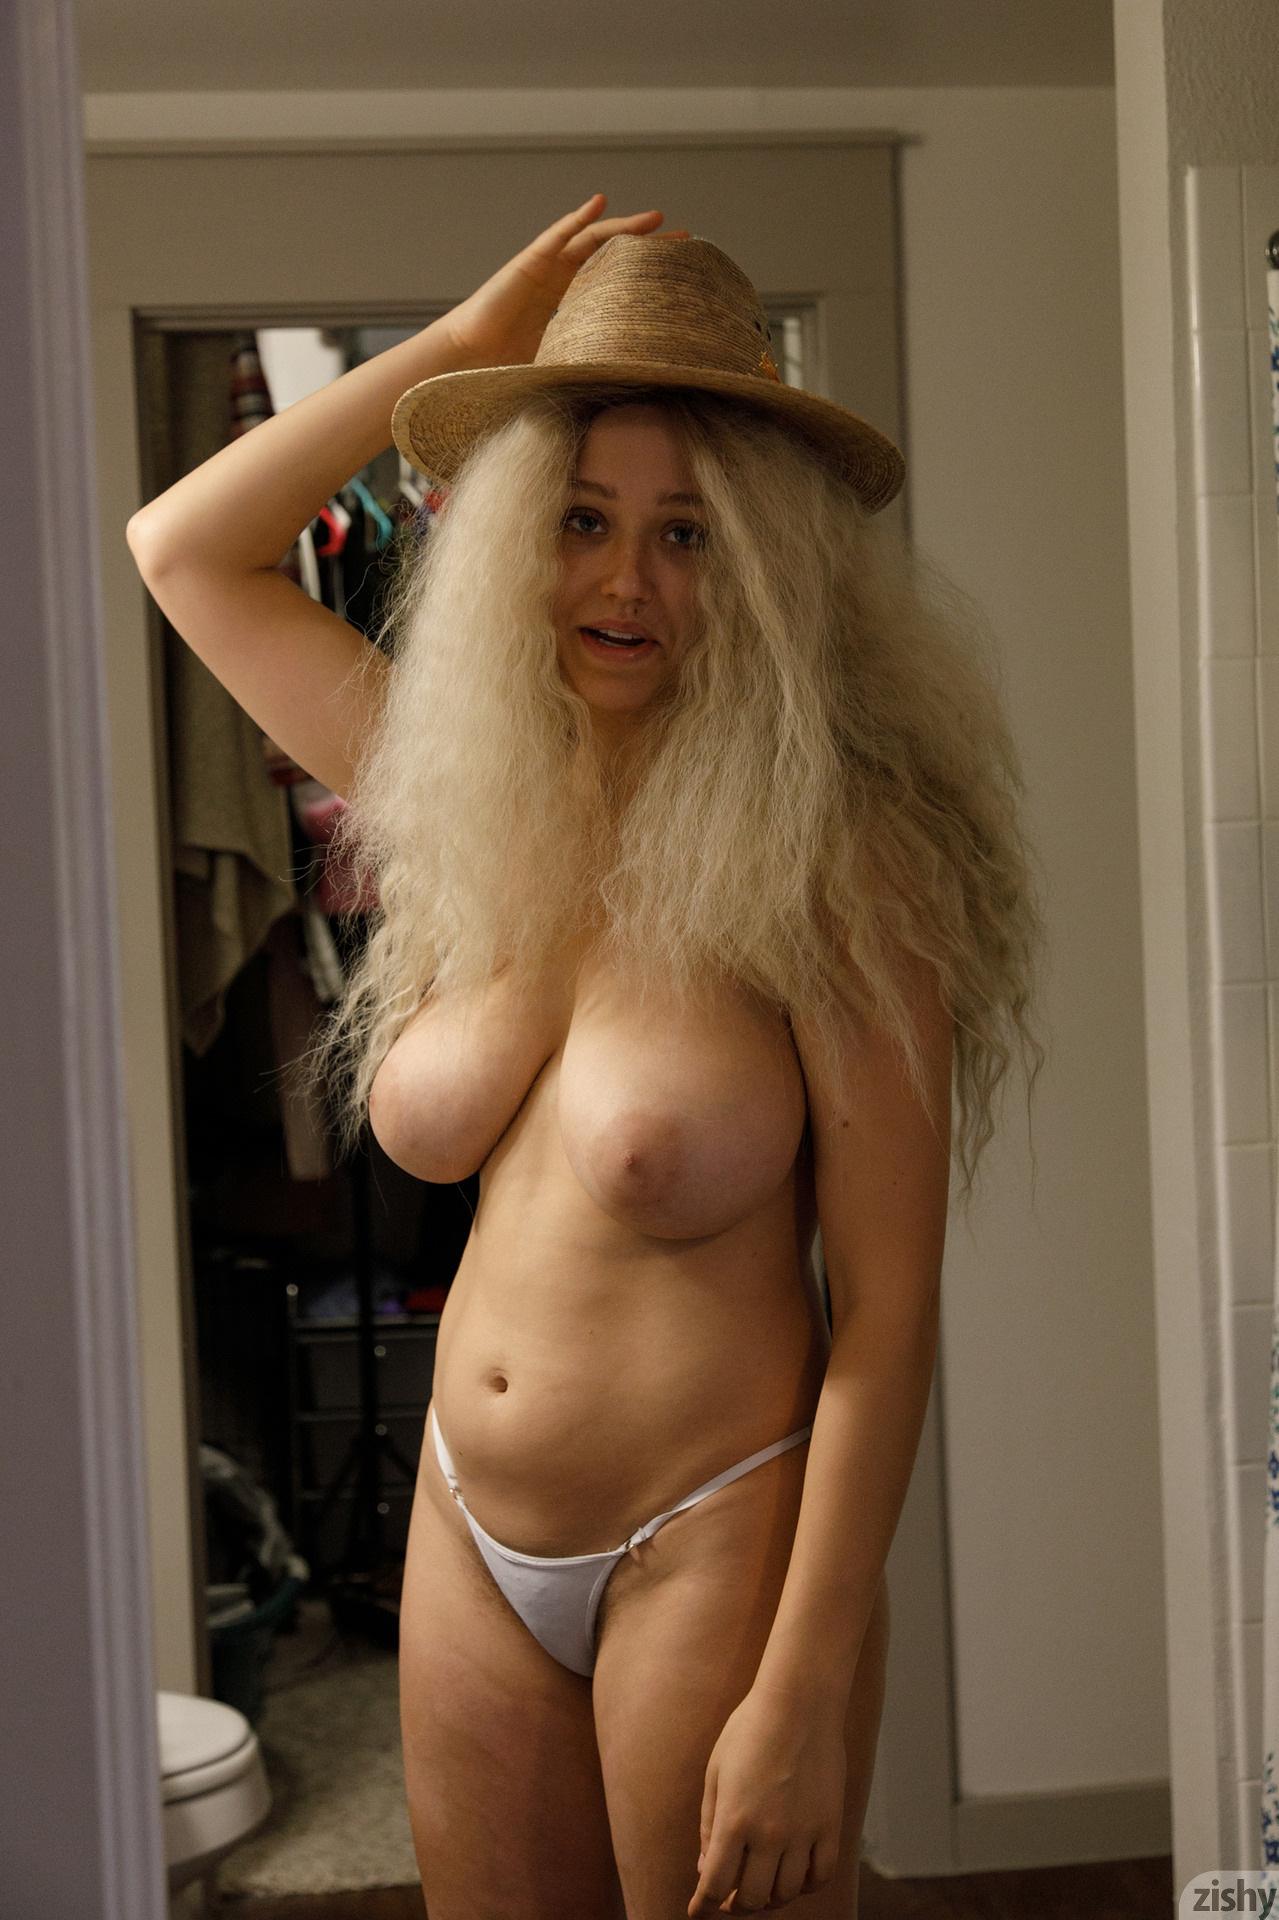 Sabrina Nichole Wigging Out Zishy (2)